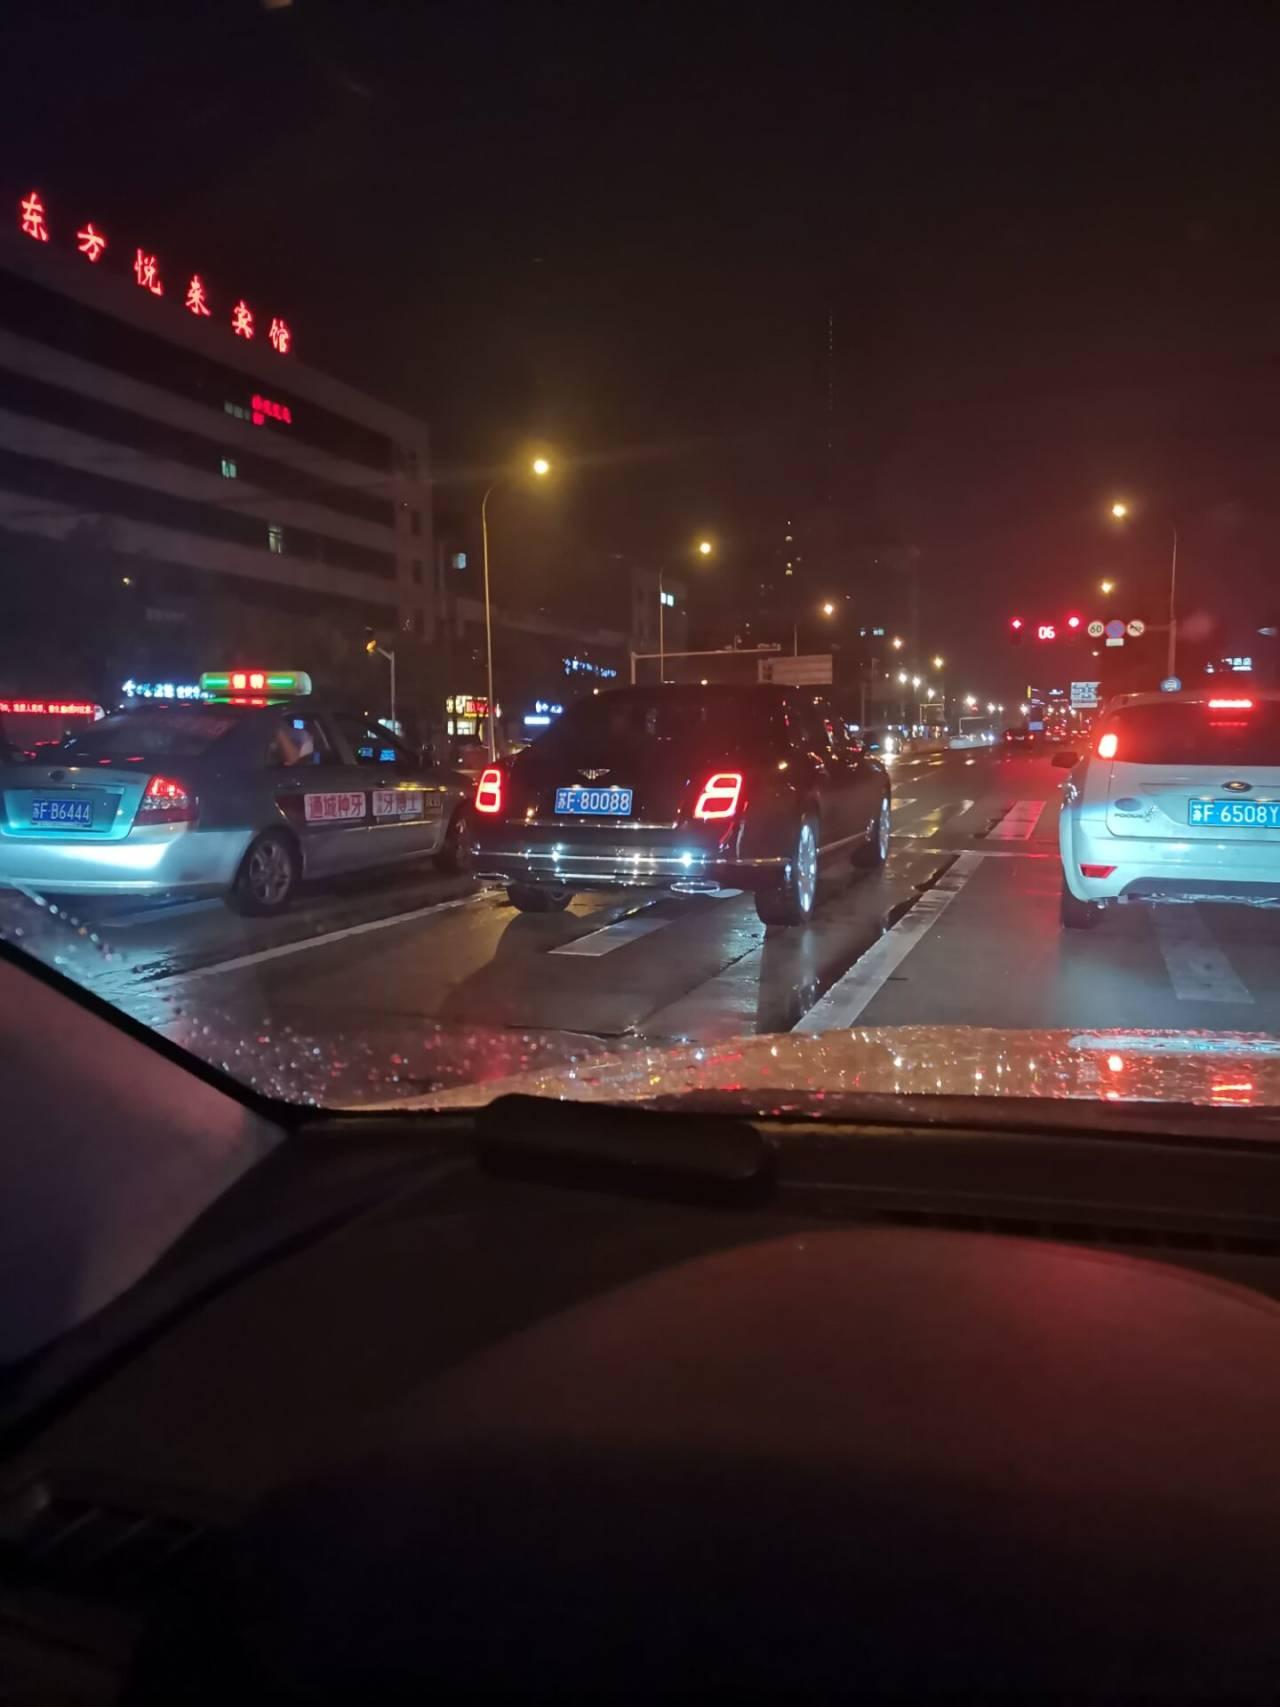 南通工农路实拍宾利慕尚,气场秒杀周围所有车!